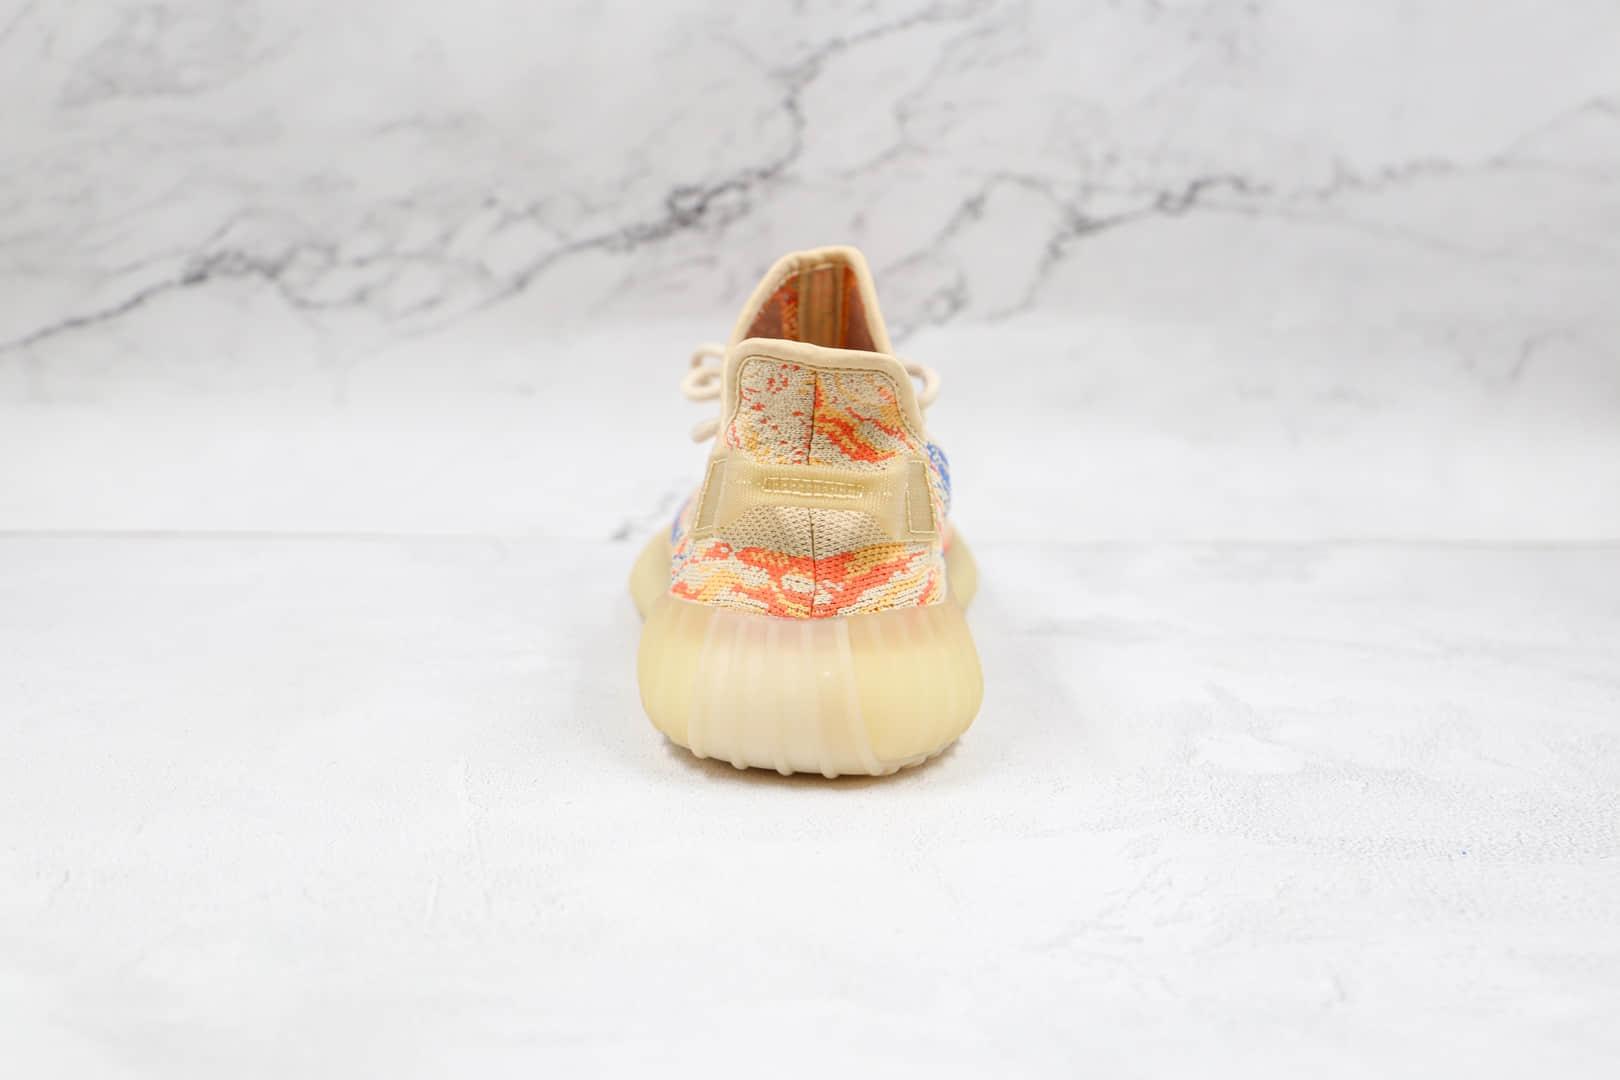 阿迪达斯Adidas Yeezy Boost 350 V2 MX Oat纯原版本椰子350V2暴龙兽燕麦三色迷彩爆米花跑鞋原盒原标 货号:GW3773